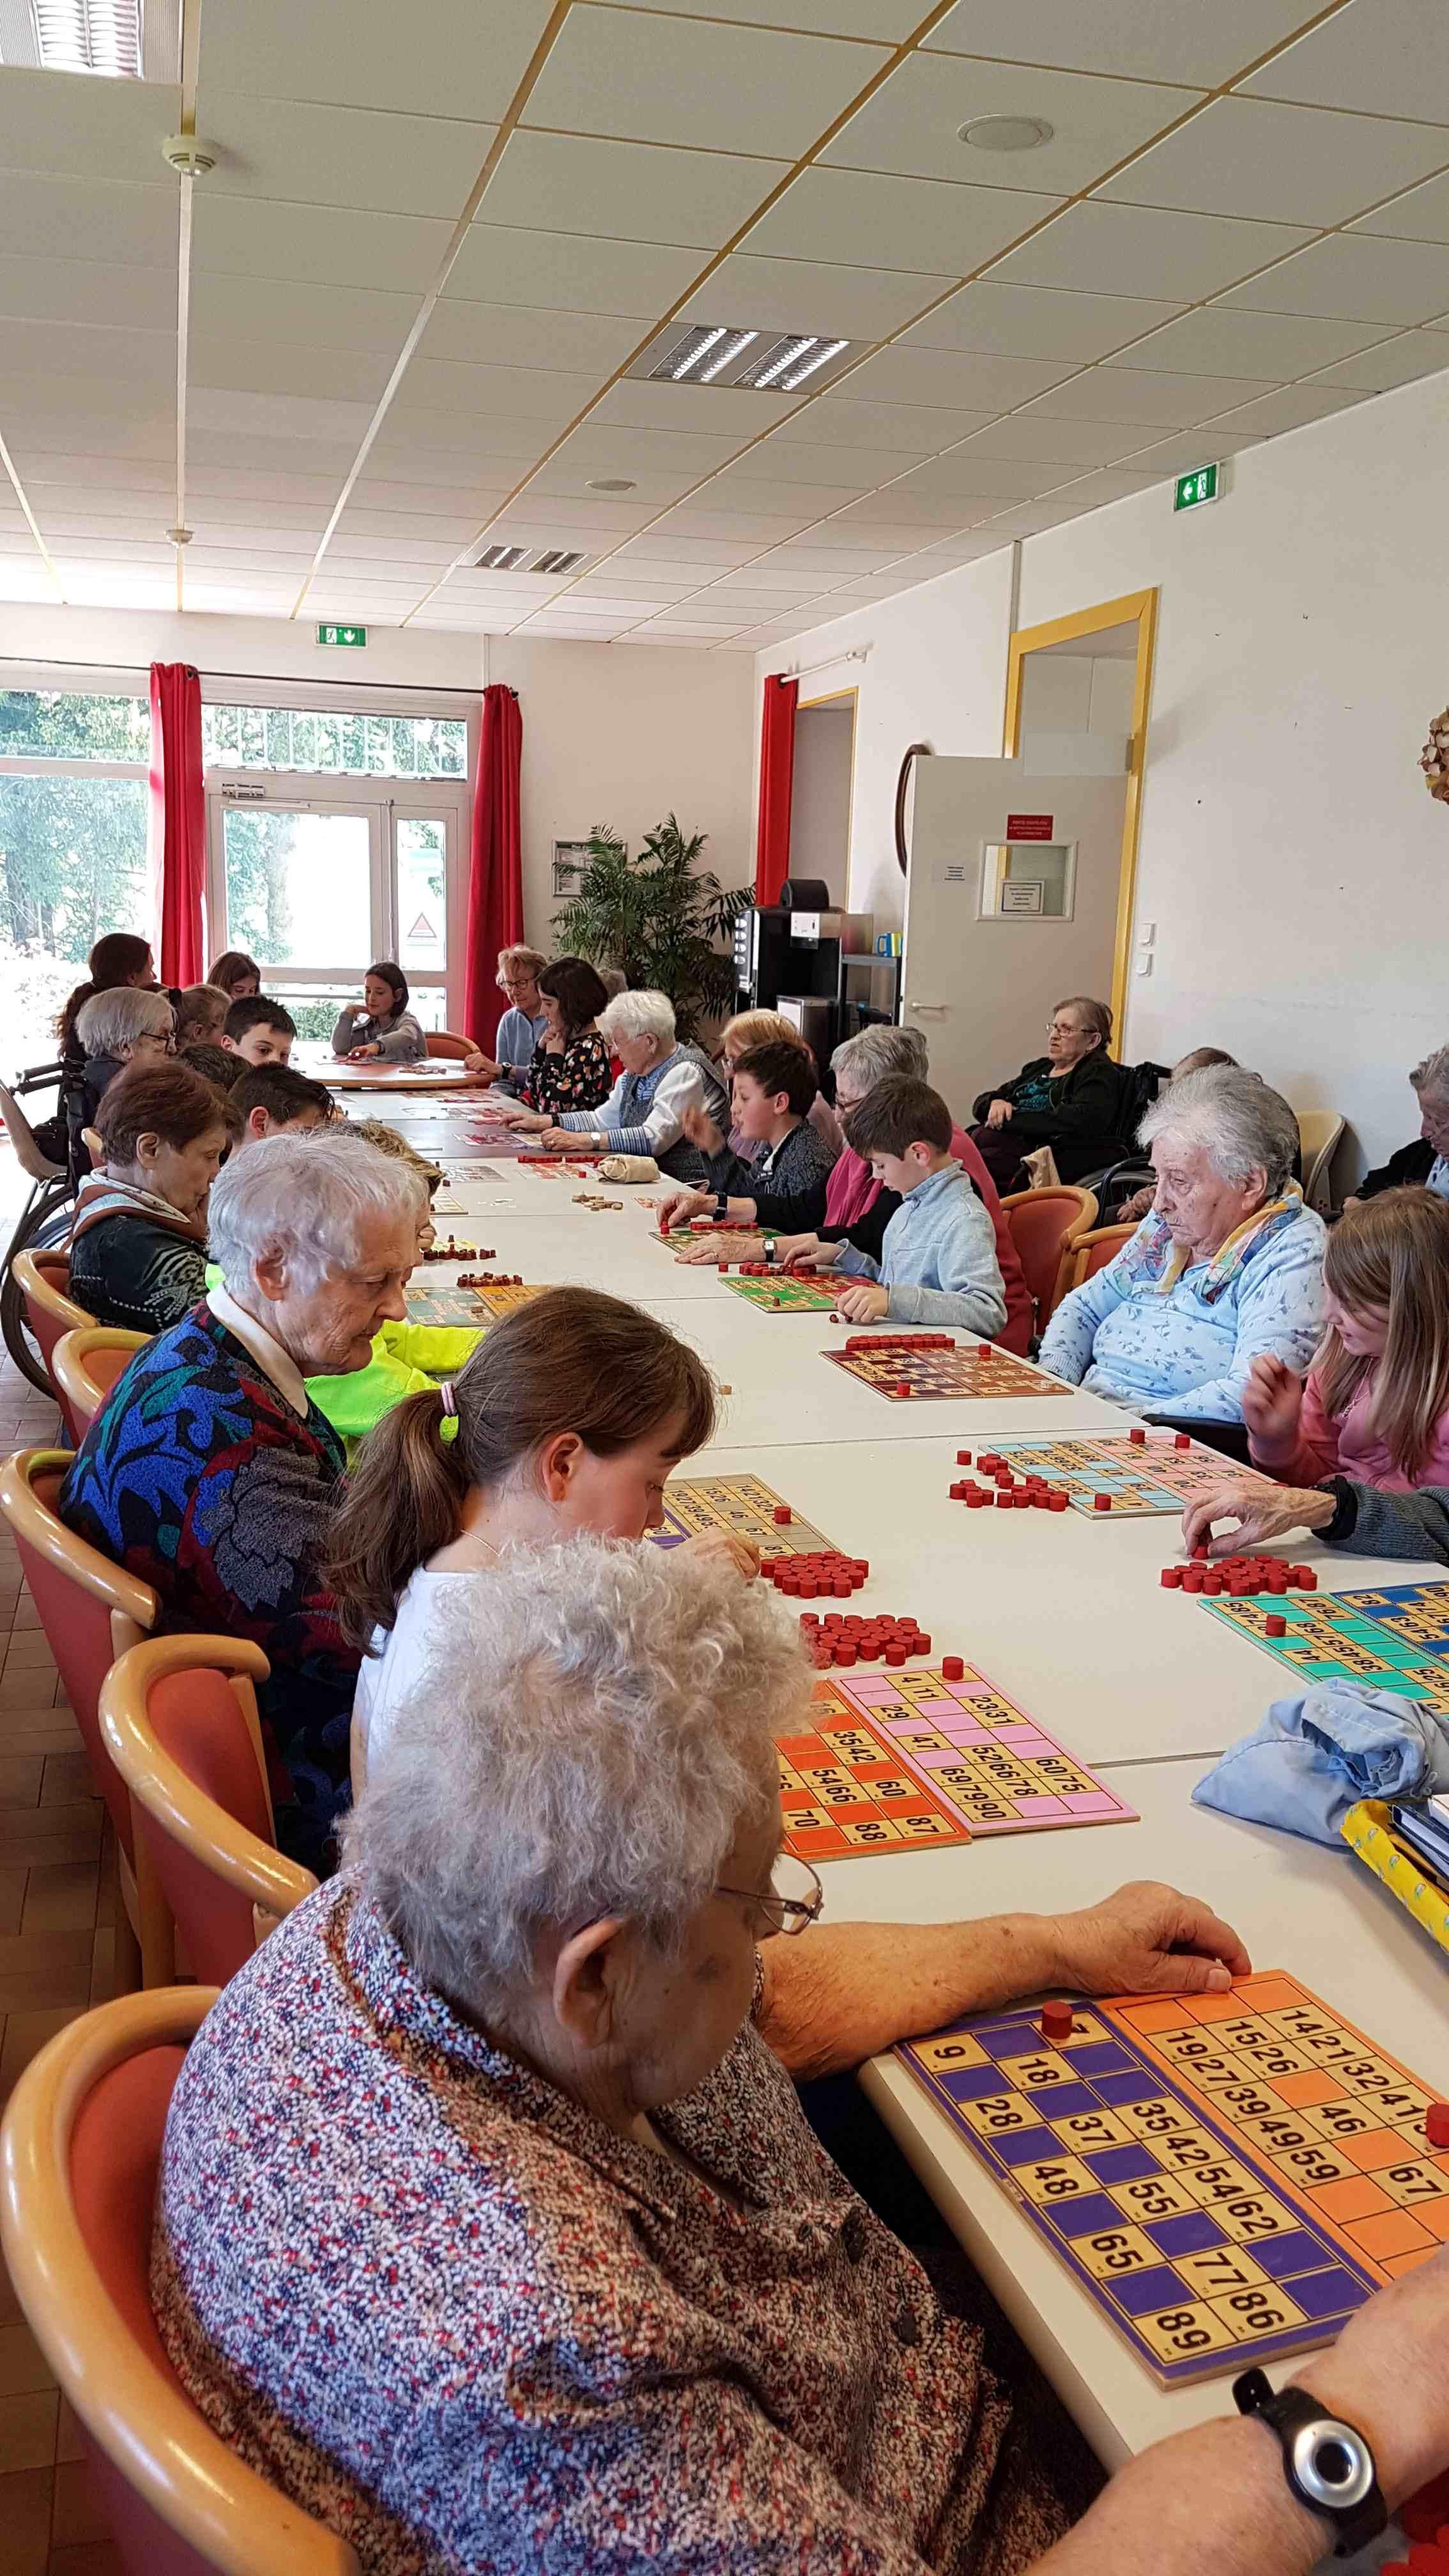 Visite des cm1 cm2 la maison de retraite ecole priv e for Aide aux parents en maison de retraite